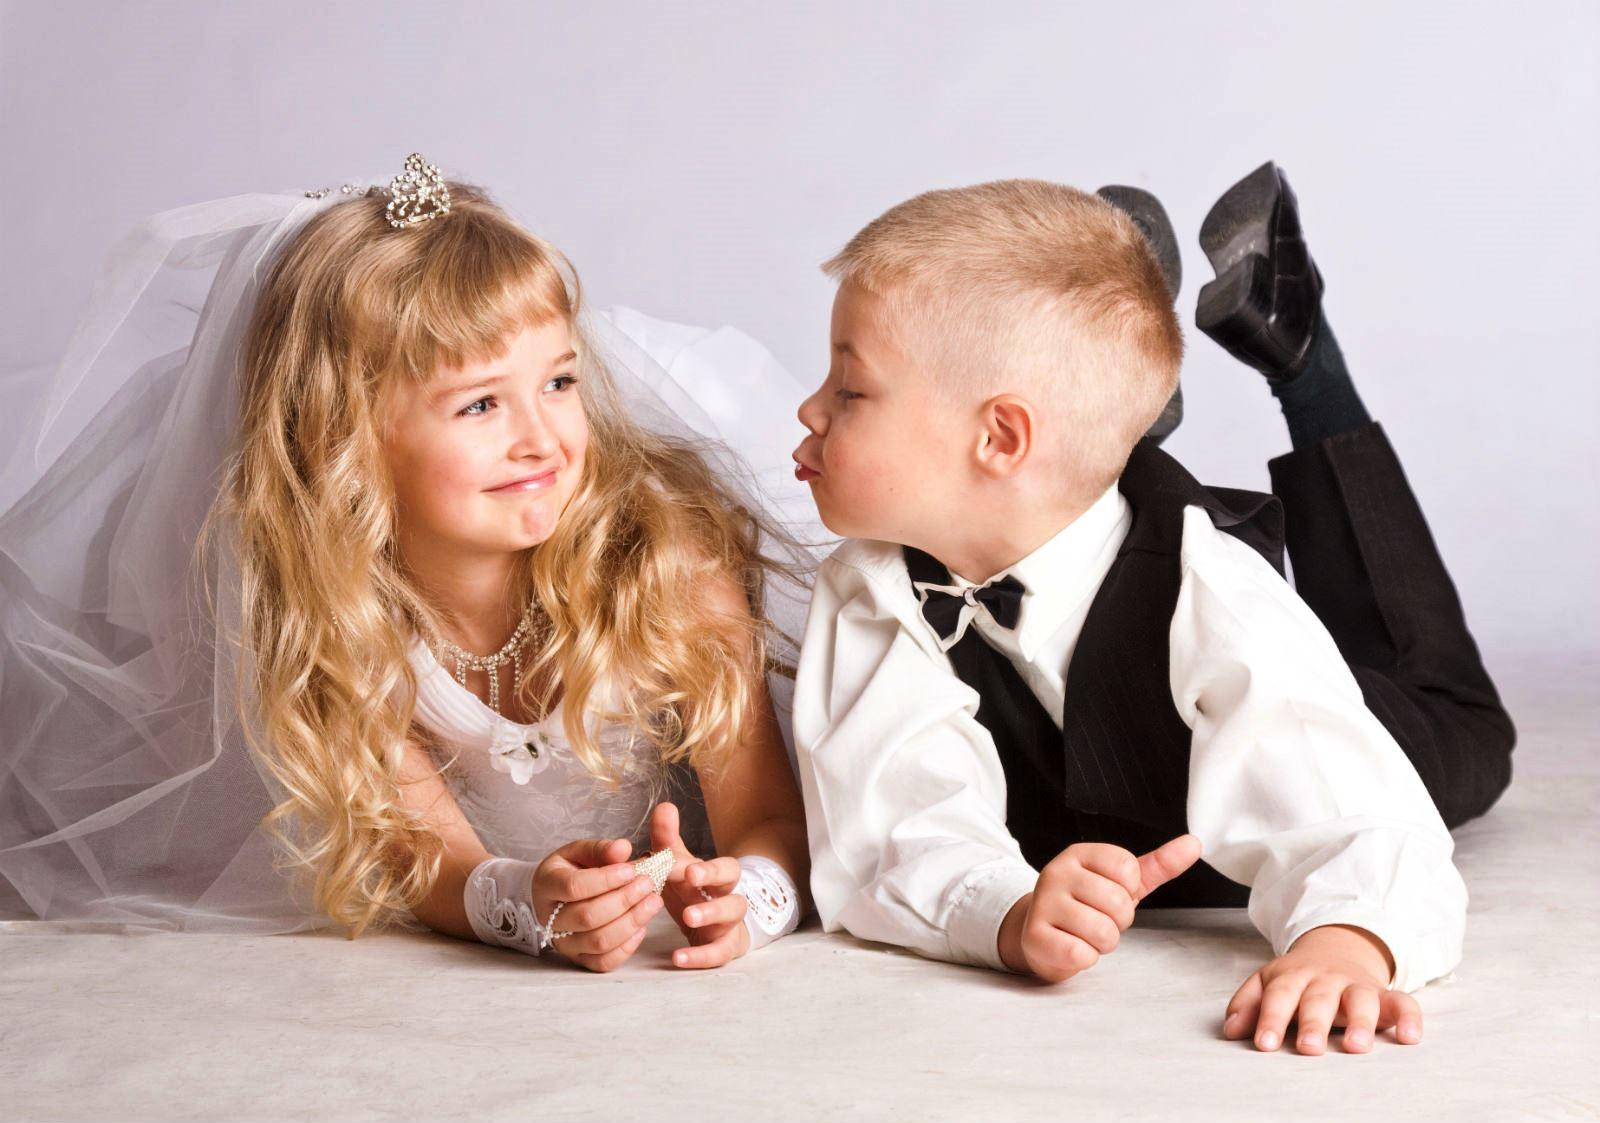 Какие дни считаются наиболее благоприятными для брака в июне 2020 года согласно лунному календарю